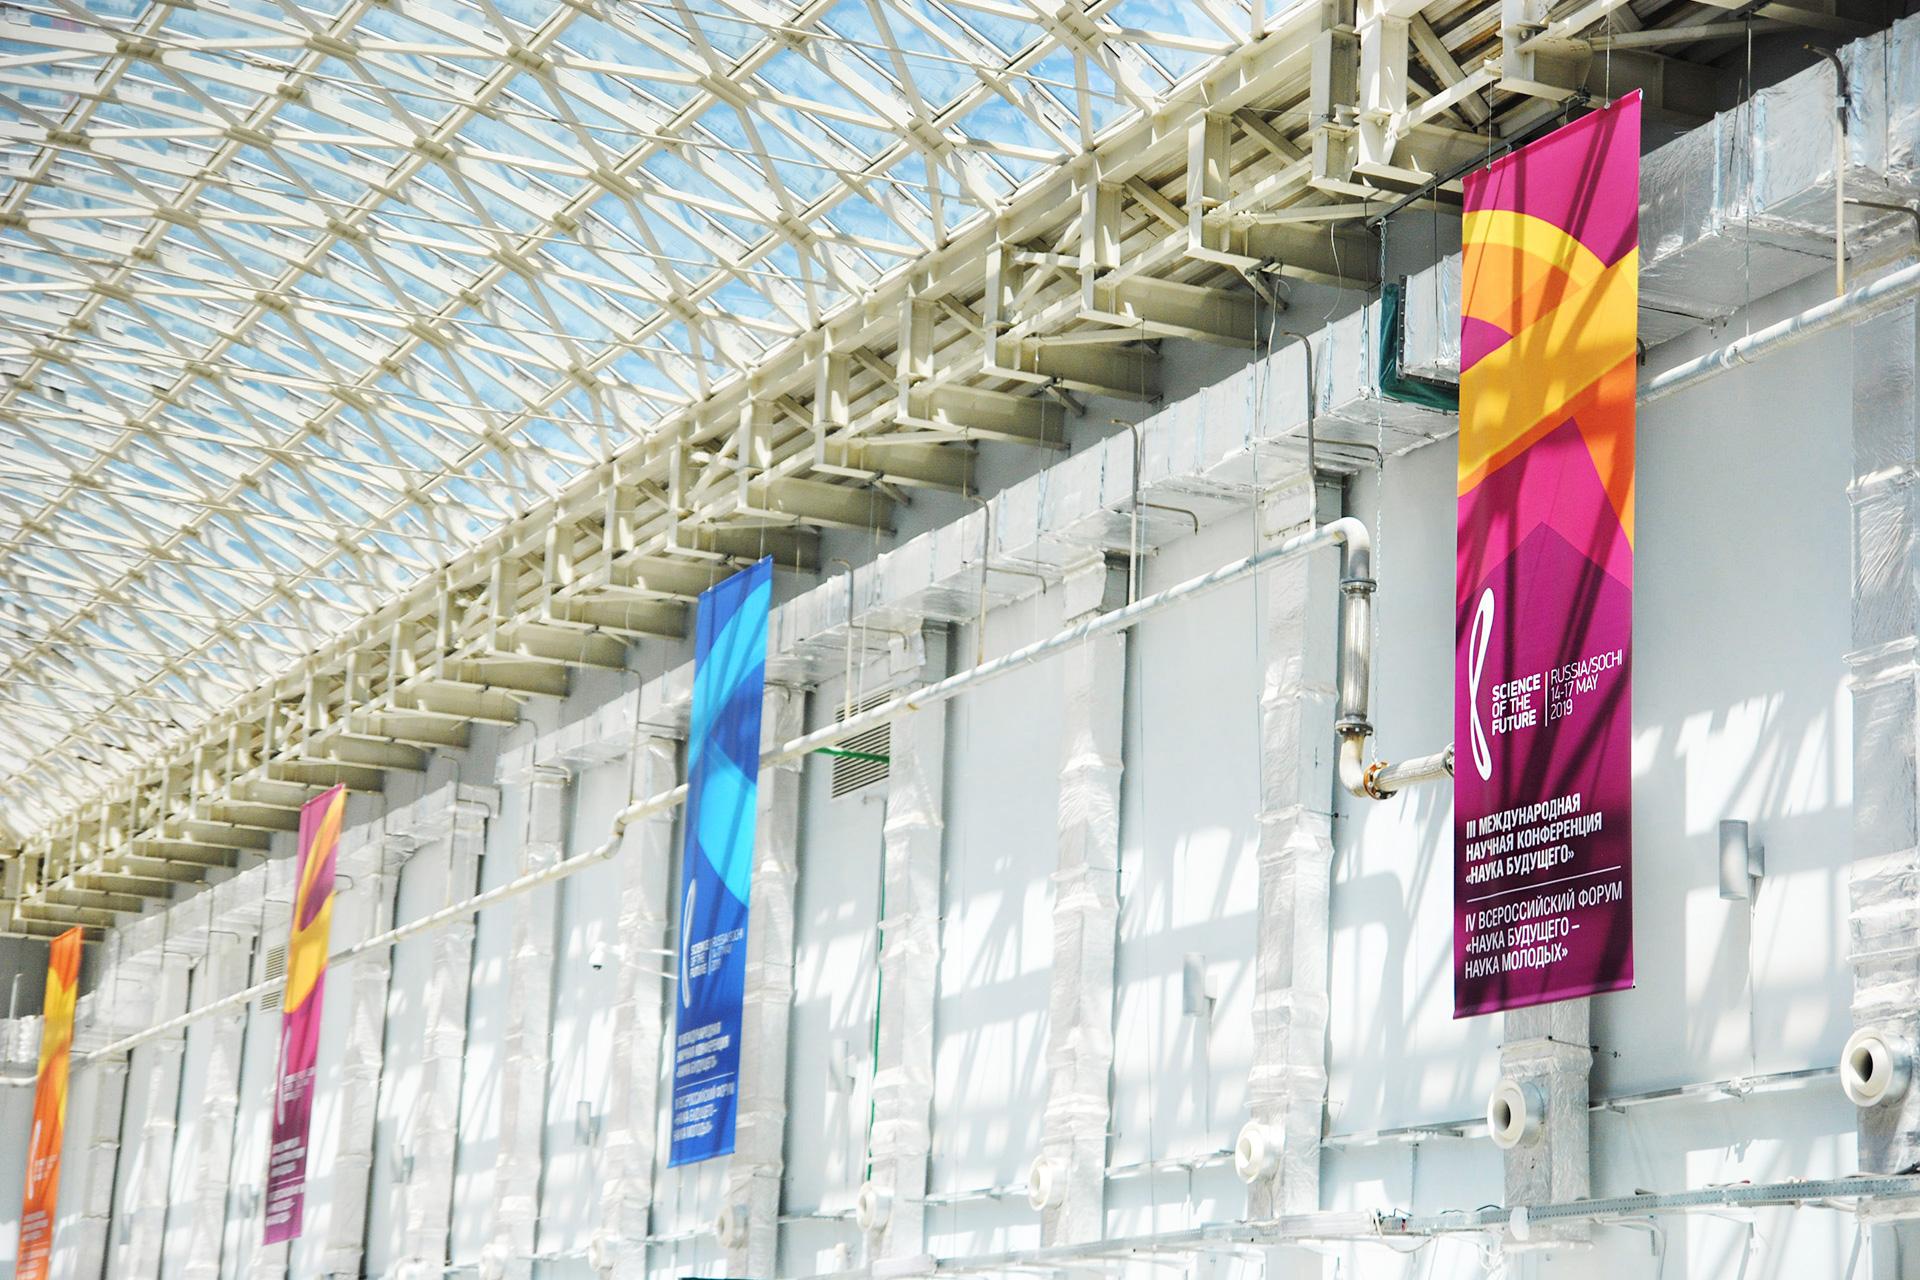 Асгард Брендинг, центр сириус, фирменный стиль, дизайн баннеров, айдентика, лого, Наука будущего, конференция, дизайн, графический дизайн